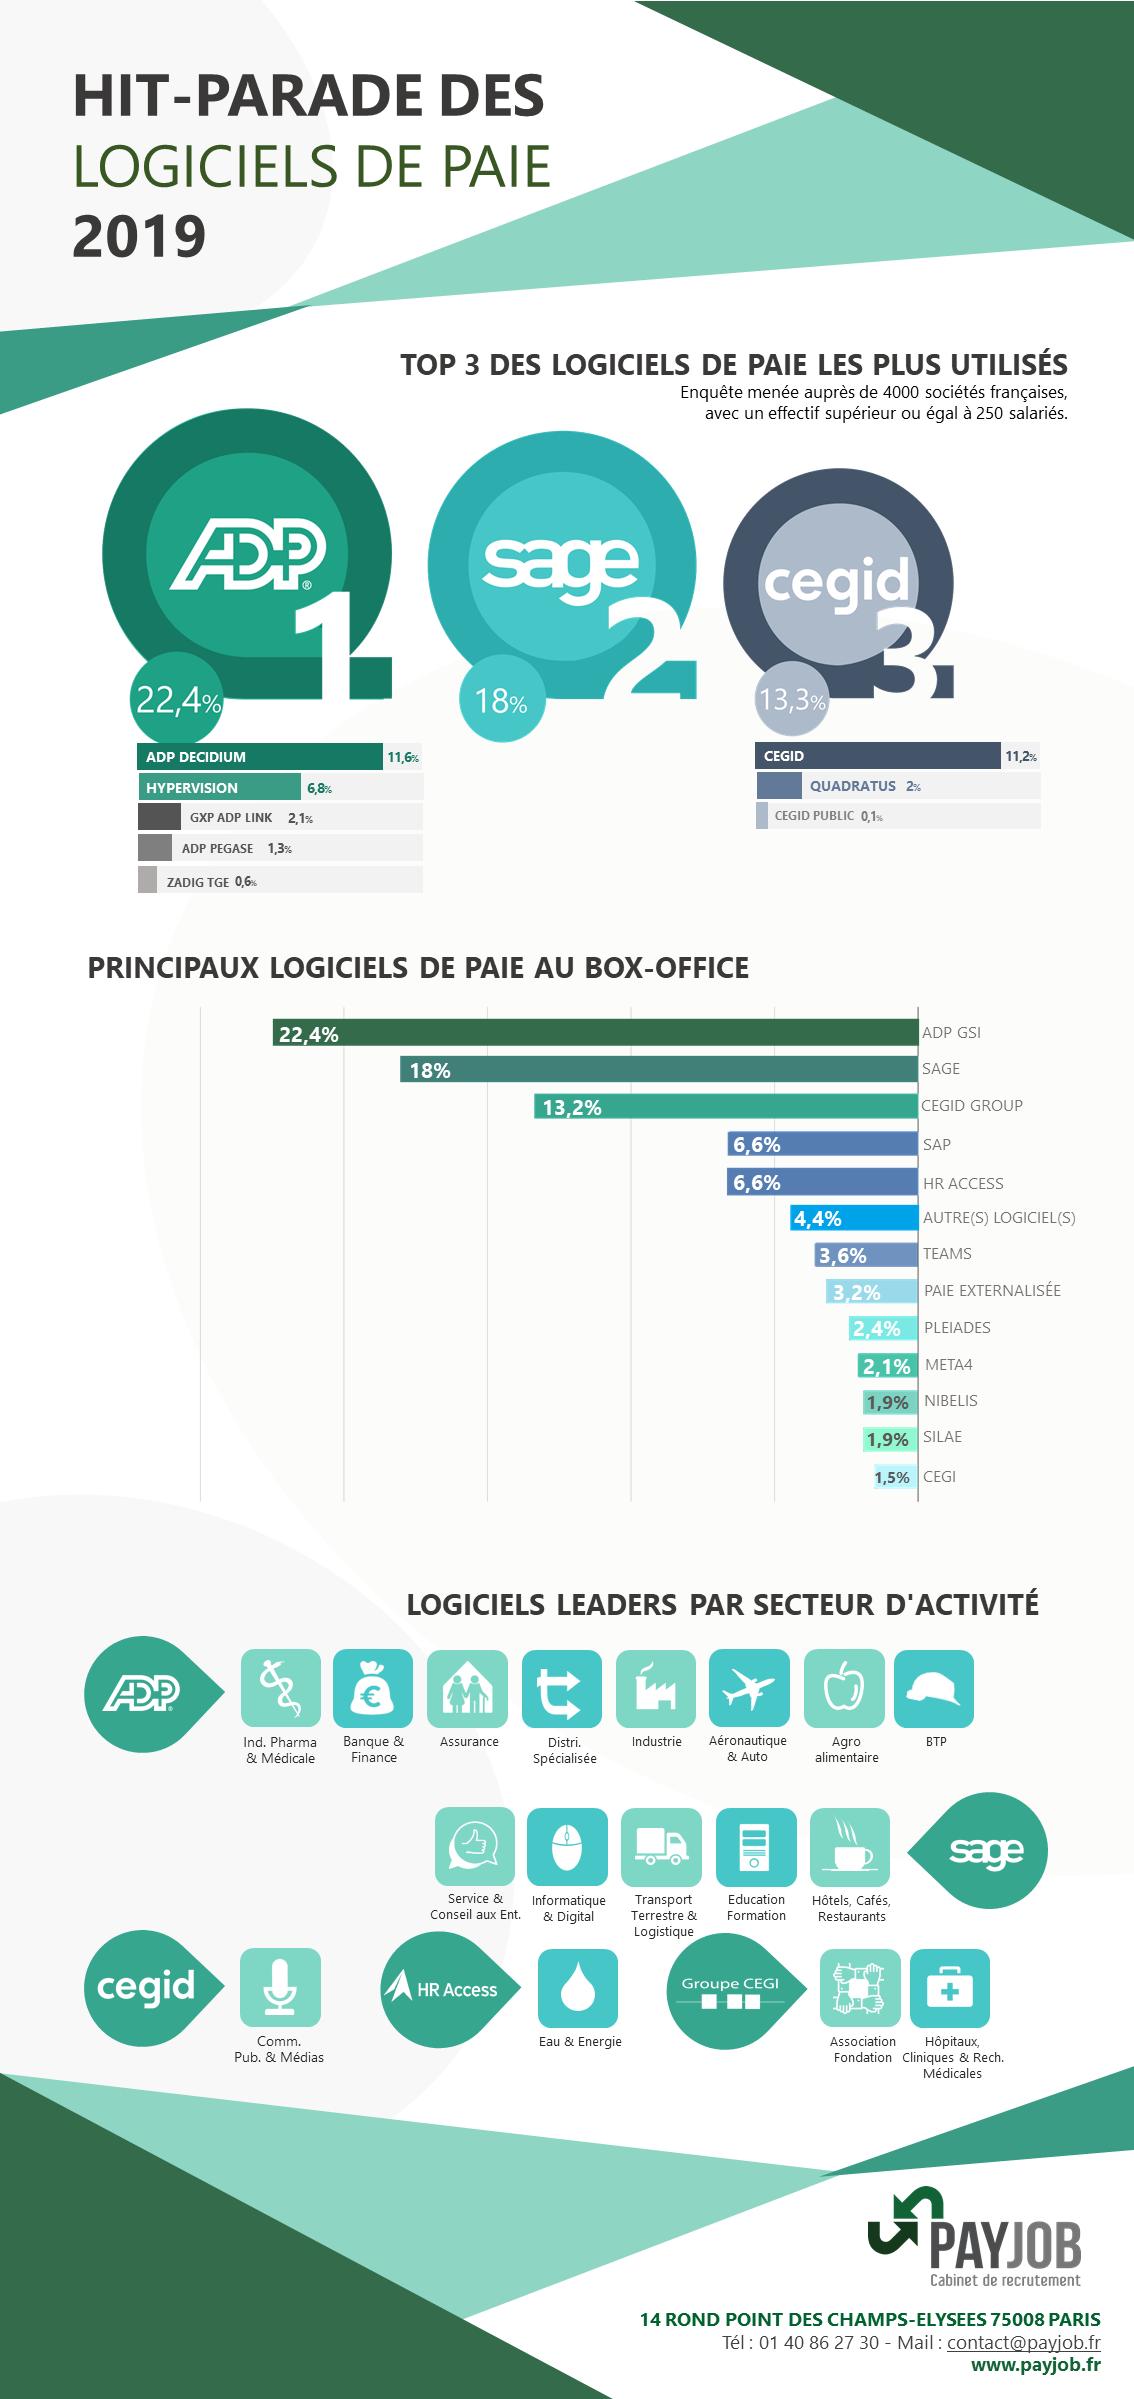 PAYJOB présente les principaux logiciels de paie utilisés par les sociétés françaises en 2019. Sur le Podium, ADP GSI (dont Decicium et Hypervision), Sage puis les logiciels du groupe Cegid. HR Acess et SAP au coude à coude, suivi de Teams, Pleiades, Meta4, Nibelis, Silae et enfin Cegi.